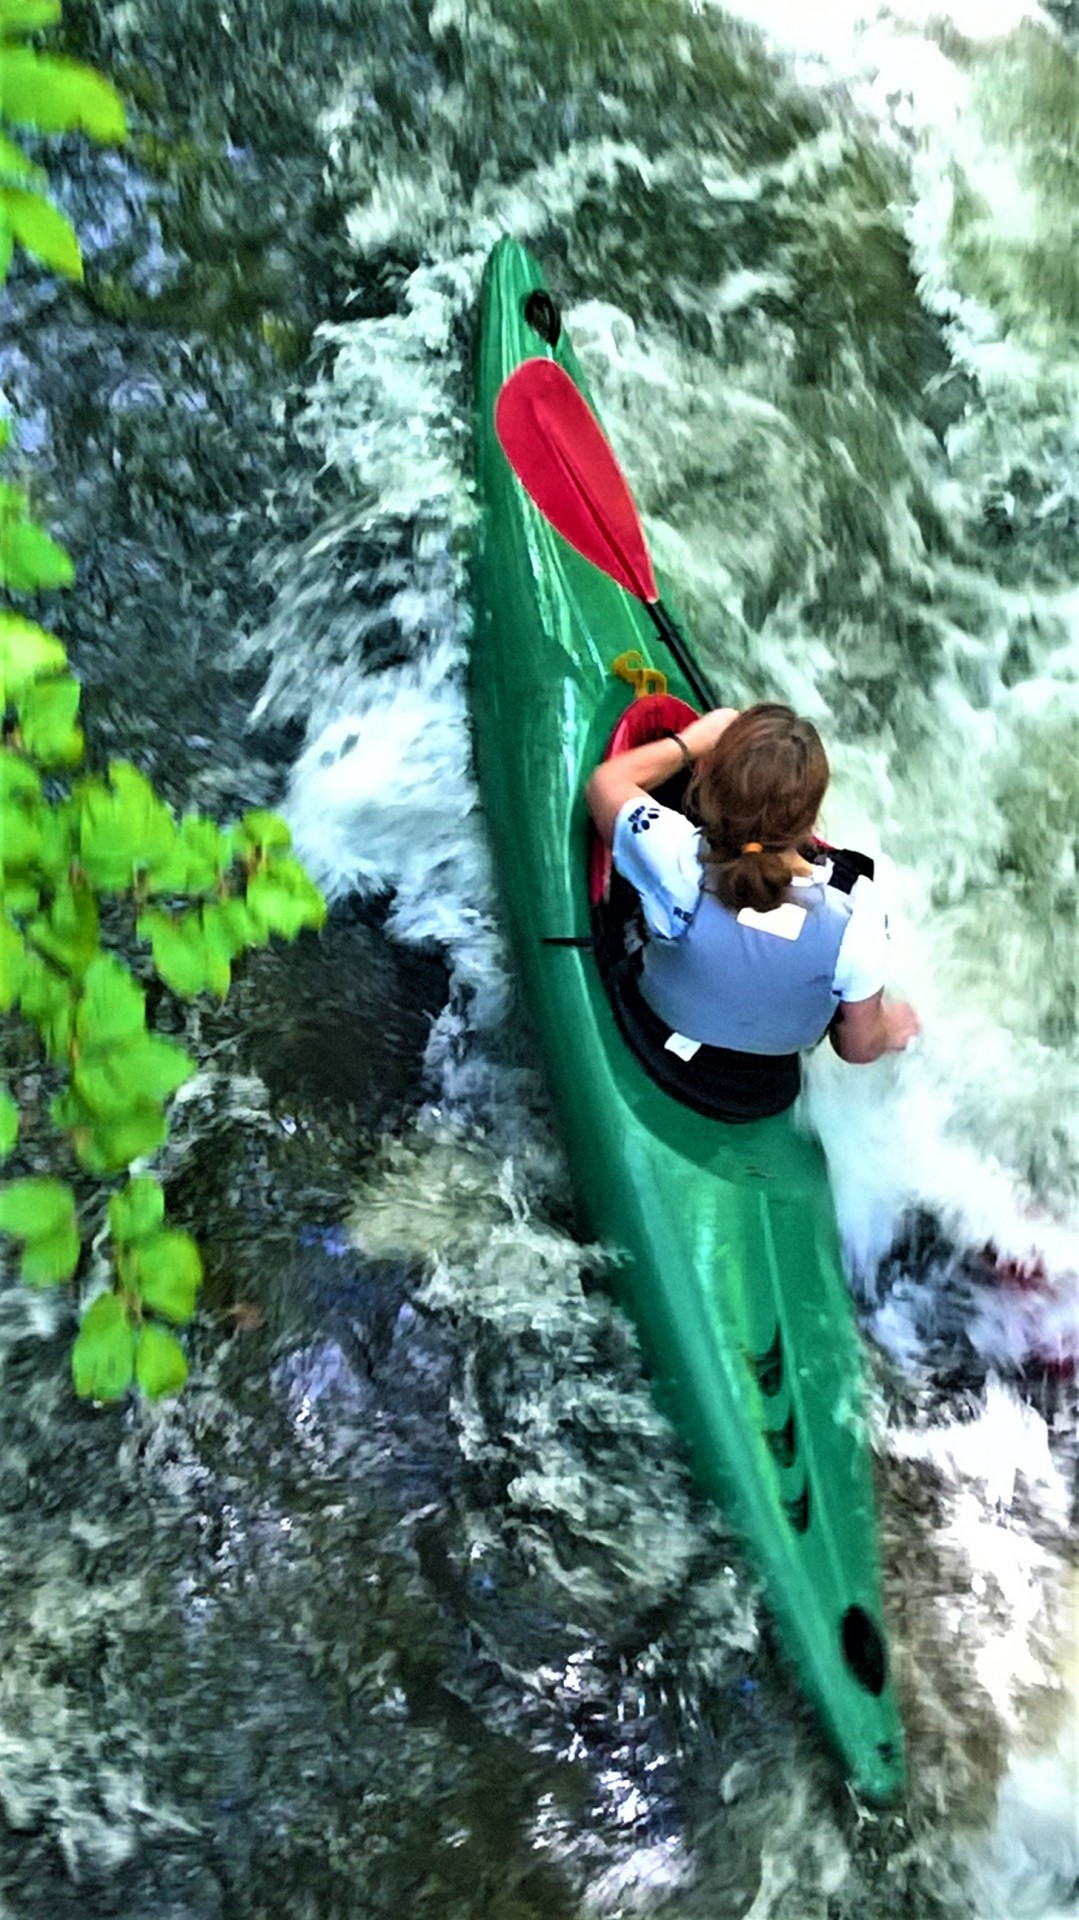 Spływ kajakowy Hydroaktywni 2018. Spłynęliśmy z klimatem [FOTORELACJA, FILM] 17